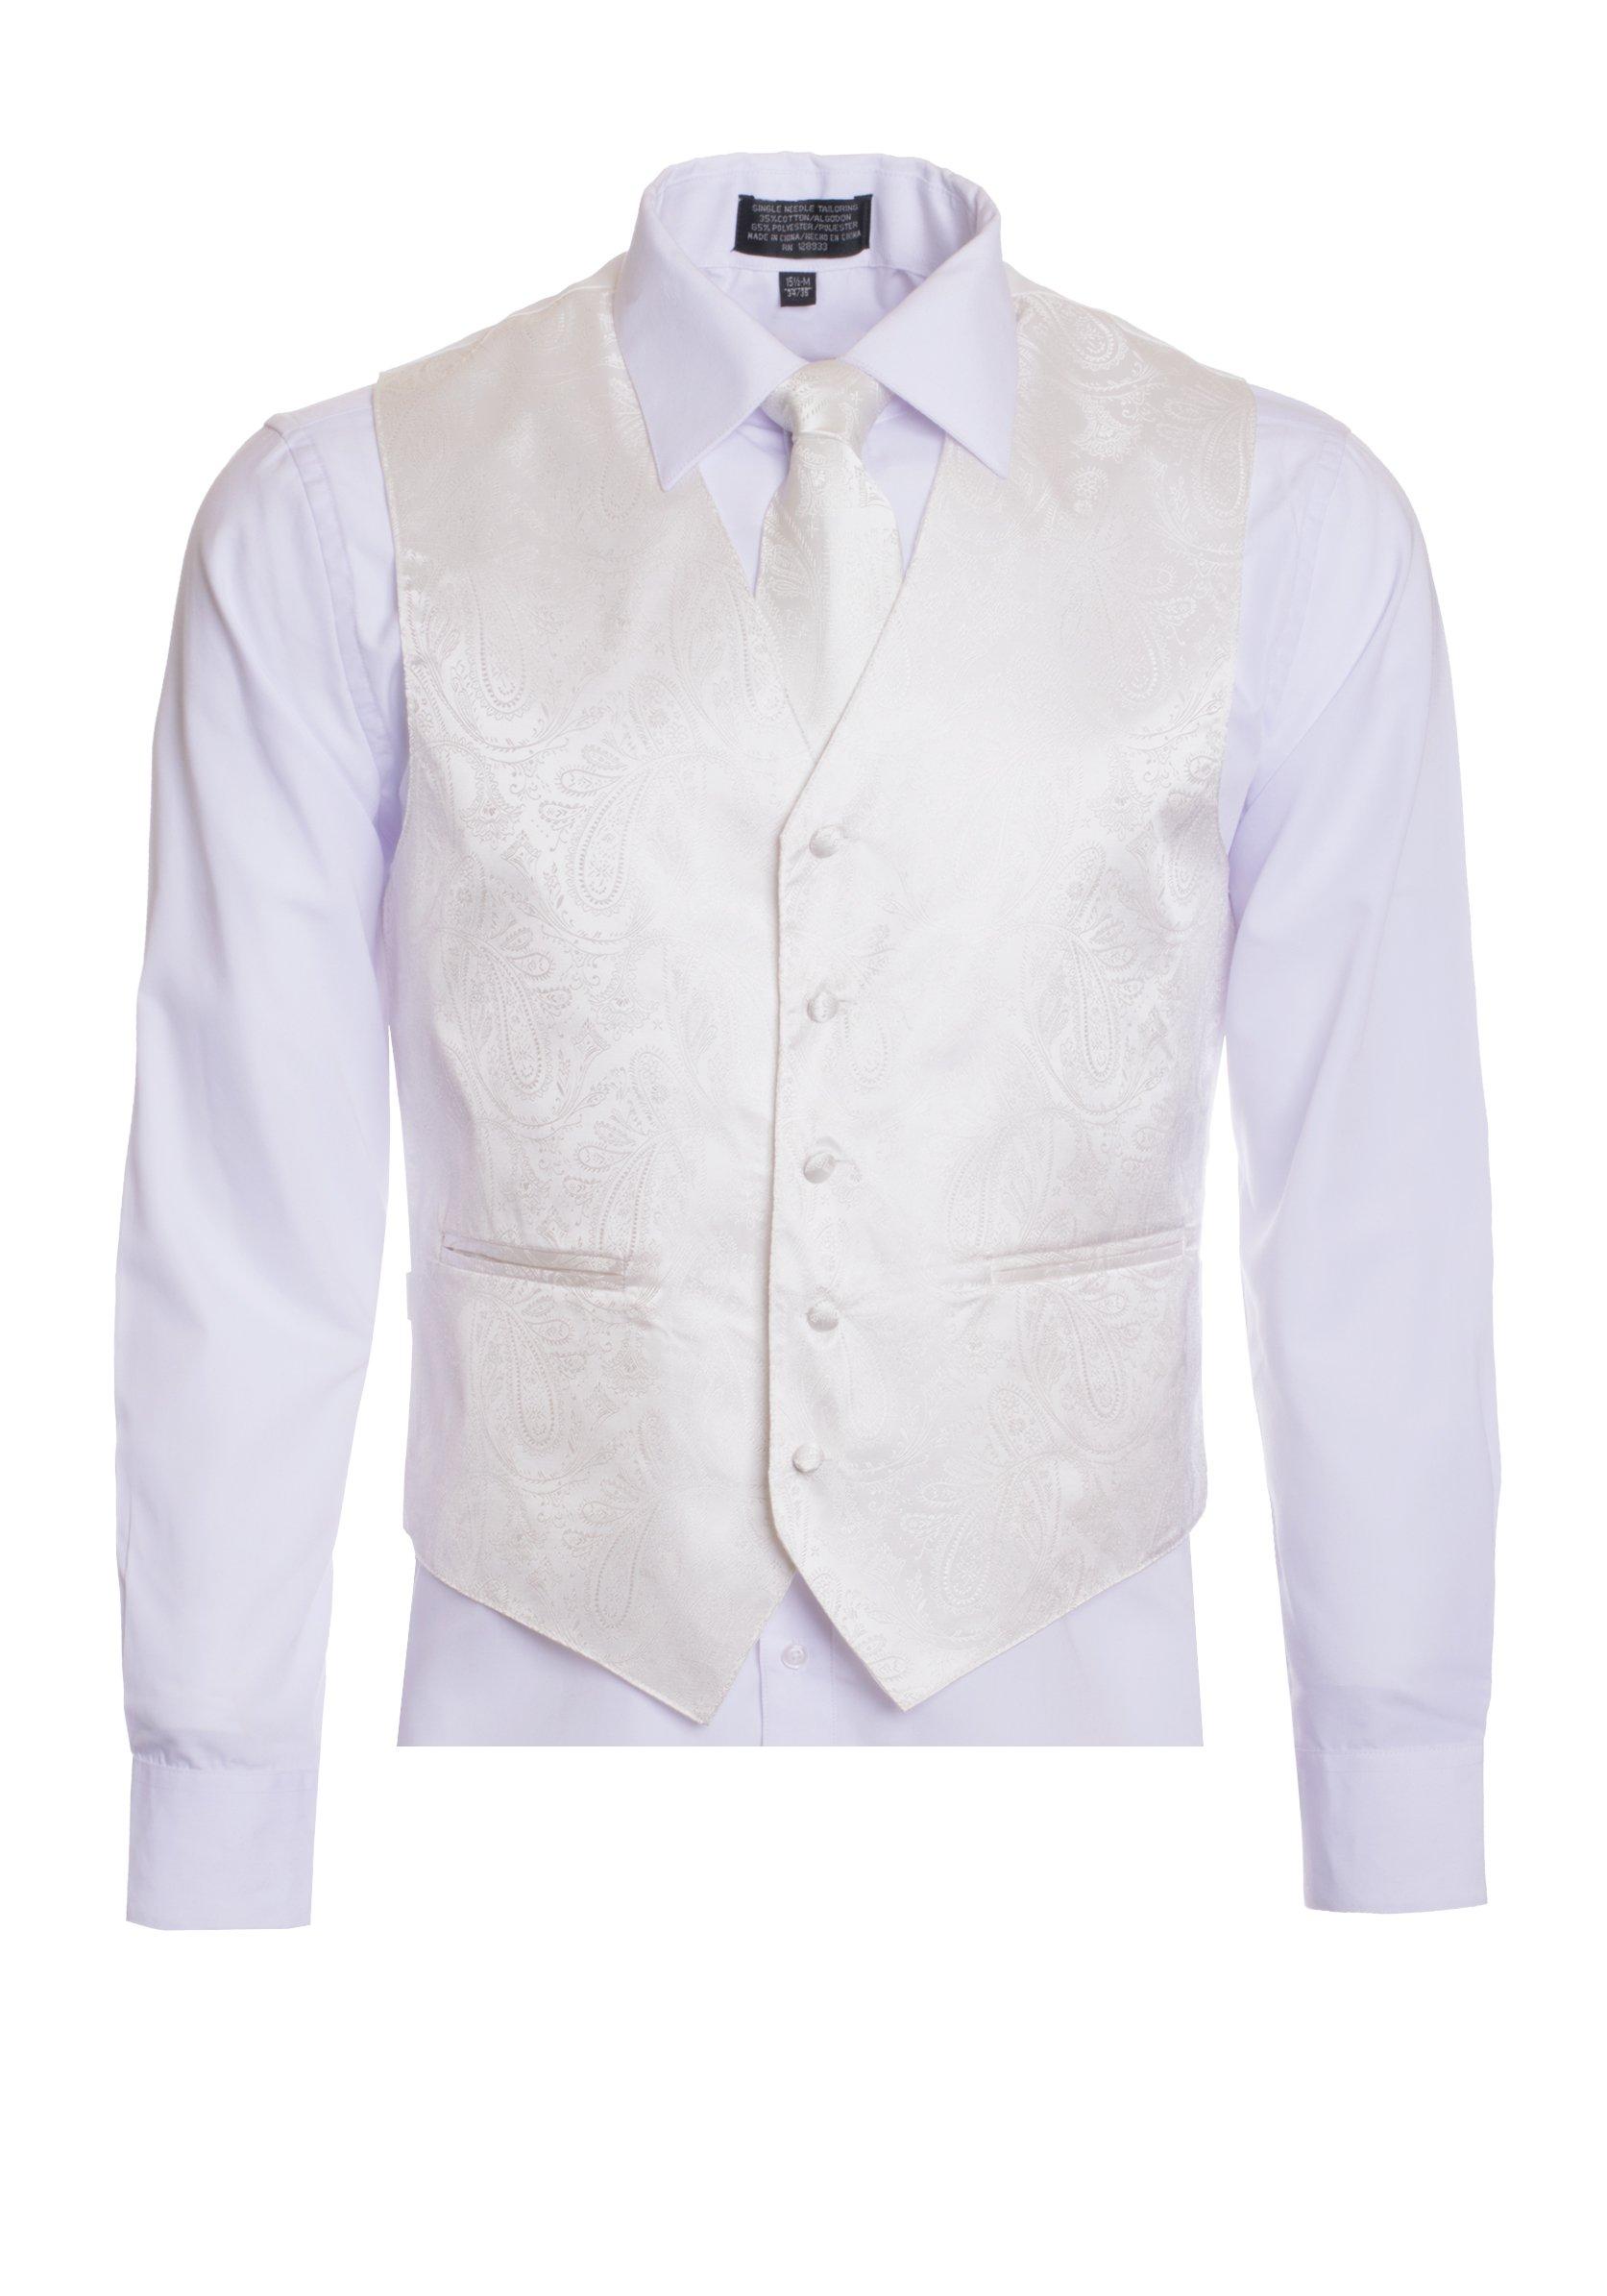 dc7b5256db089 Men's Premium Paisley Vest Neck Tie Pocket Square Set Paisley Vest for  Suits and Tuxedos-Many Colors (3XL, Ivory/Off White)